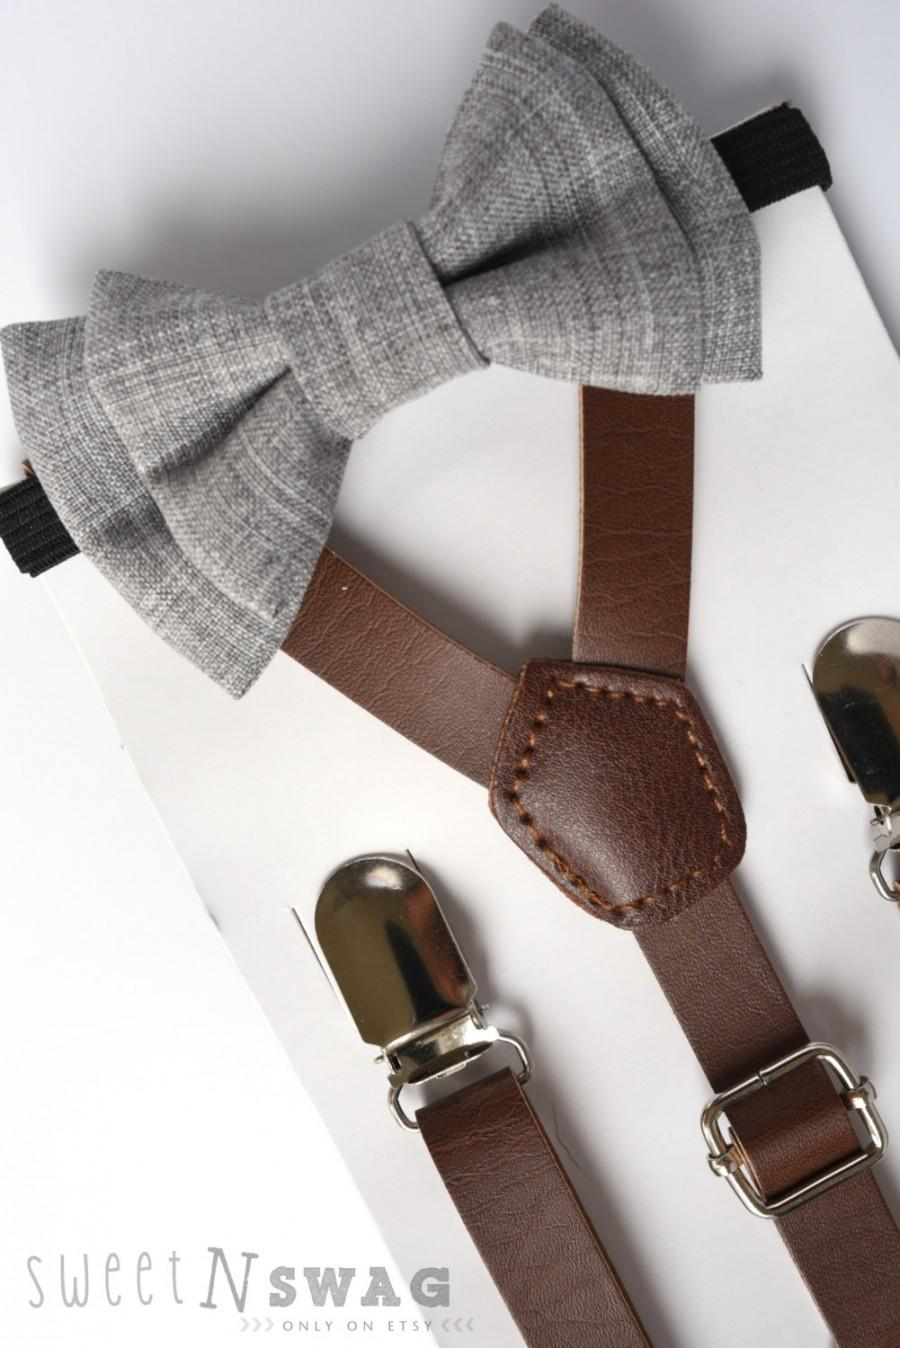 زفاف - SUSPENDER & BOWTIE SET.  Newborn - Adult sizes. Dark brown pu leather suspenders. Light grey Chambray Bow tie